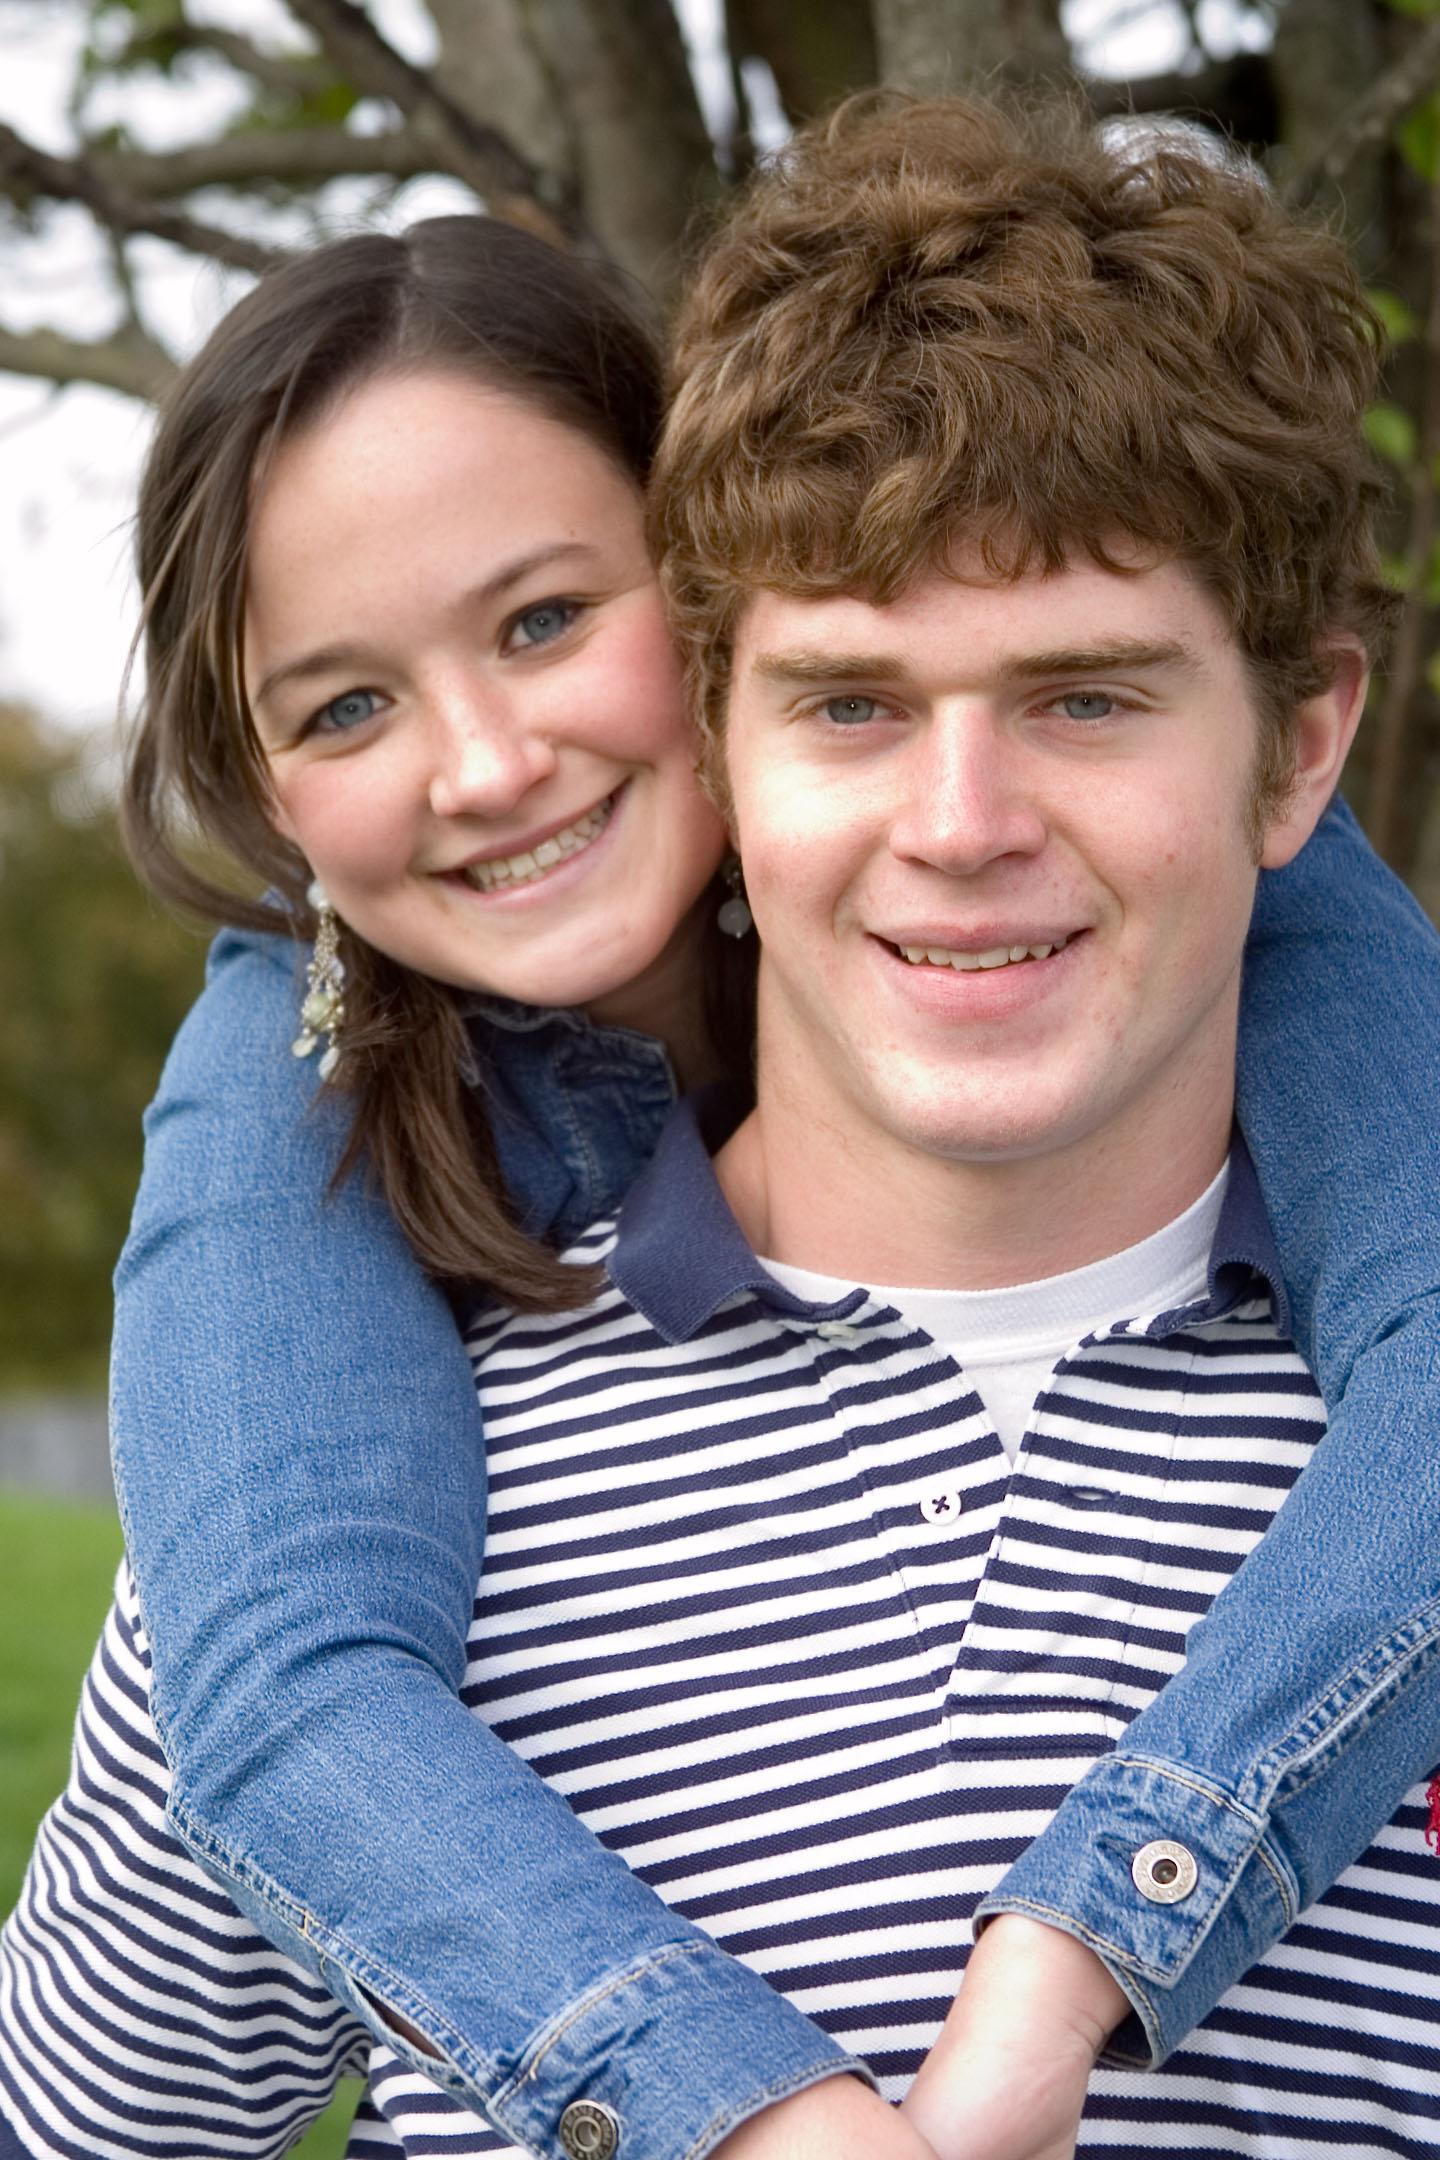 Секс брата с сестрой картинки 21 фотография